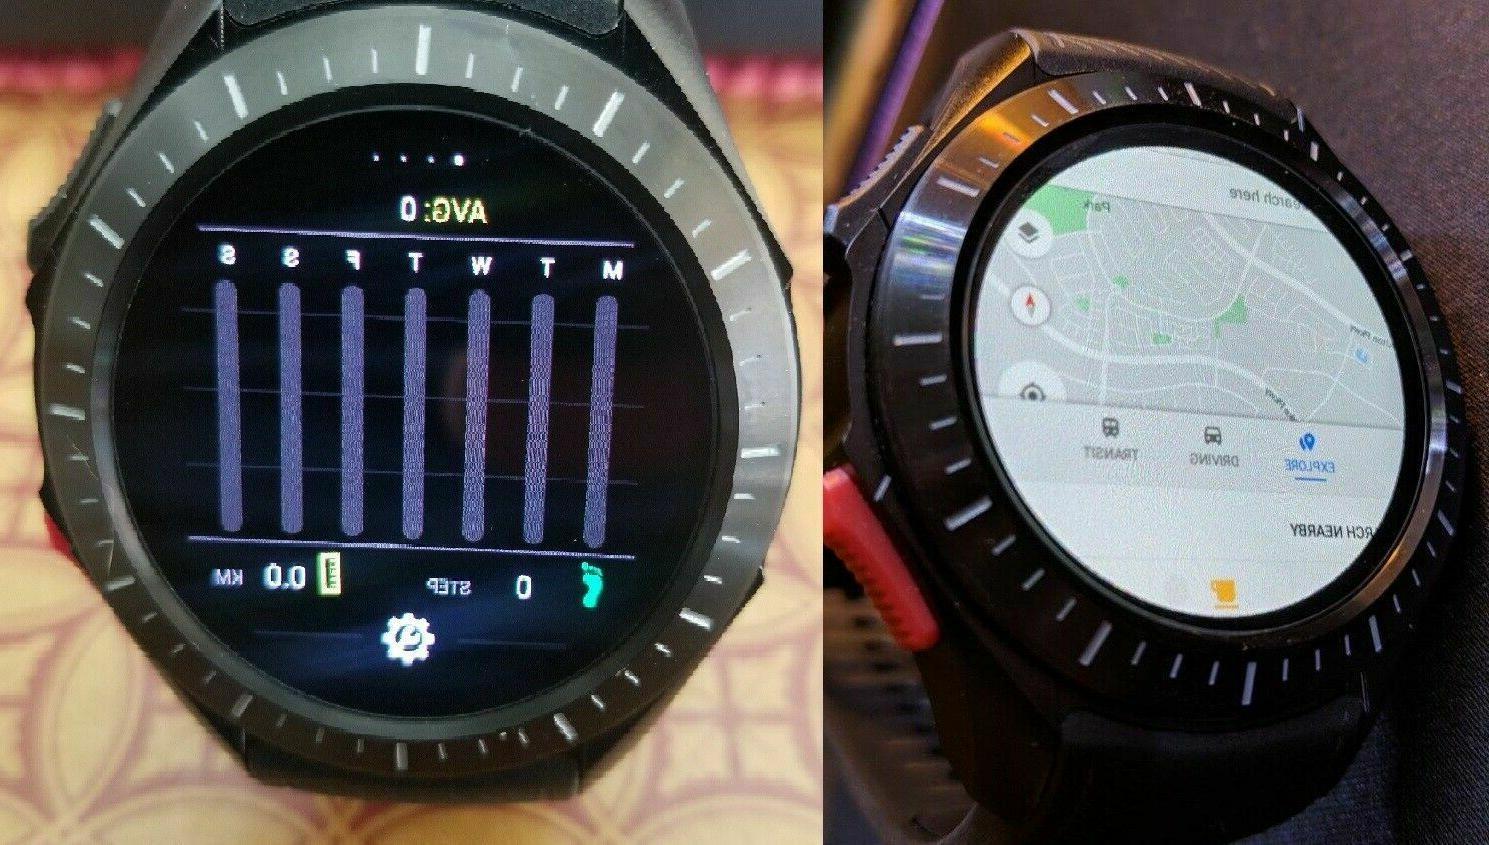 New Watch GSM SIM GPS 1GB Heart WiFi